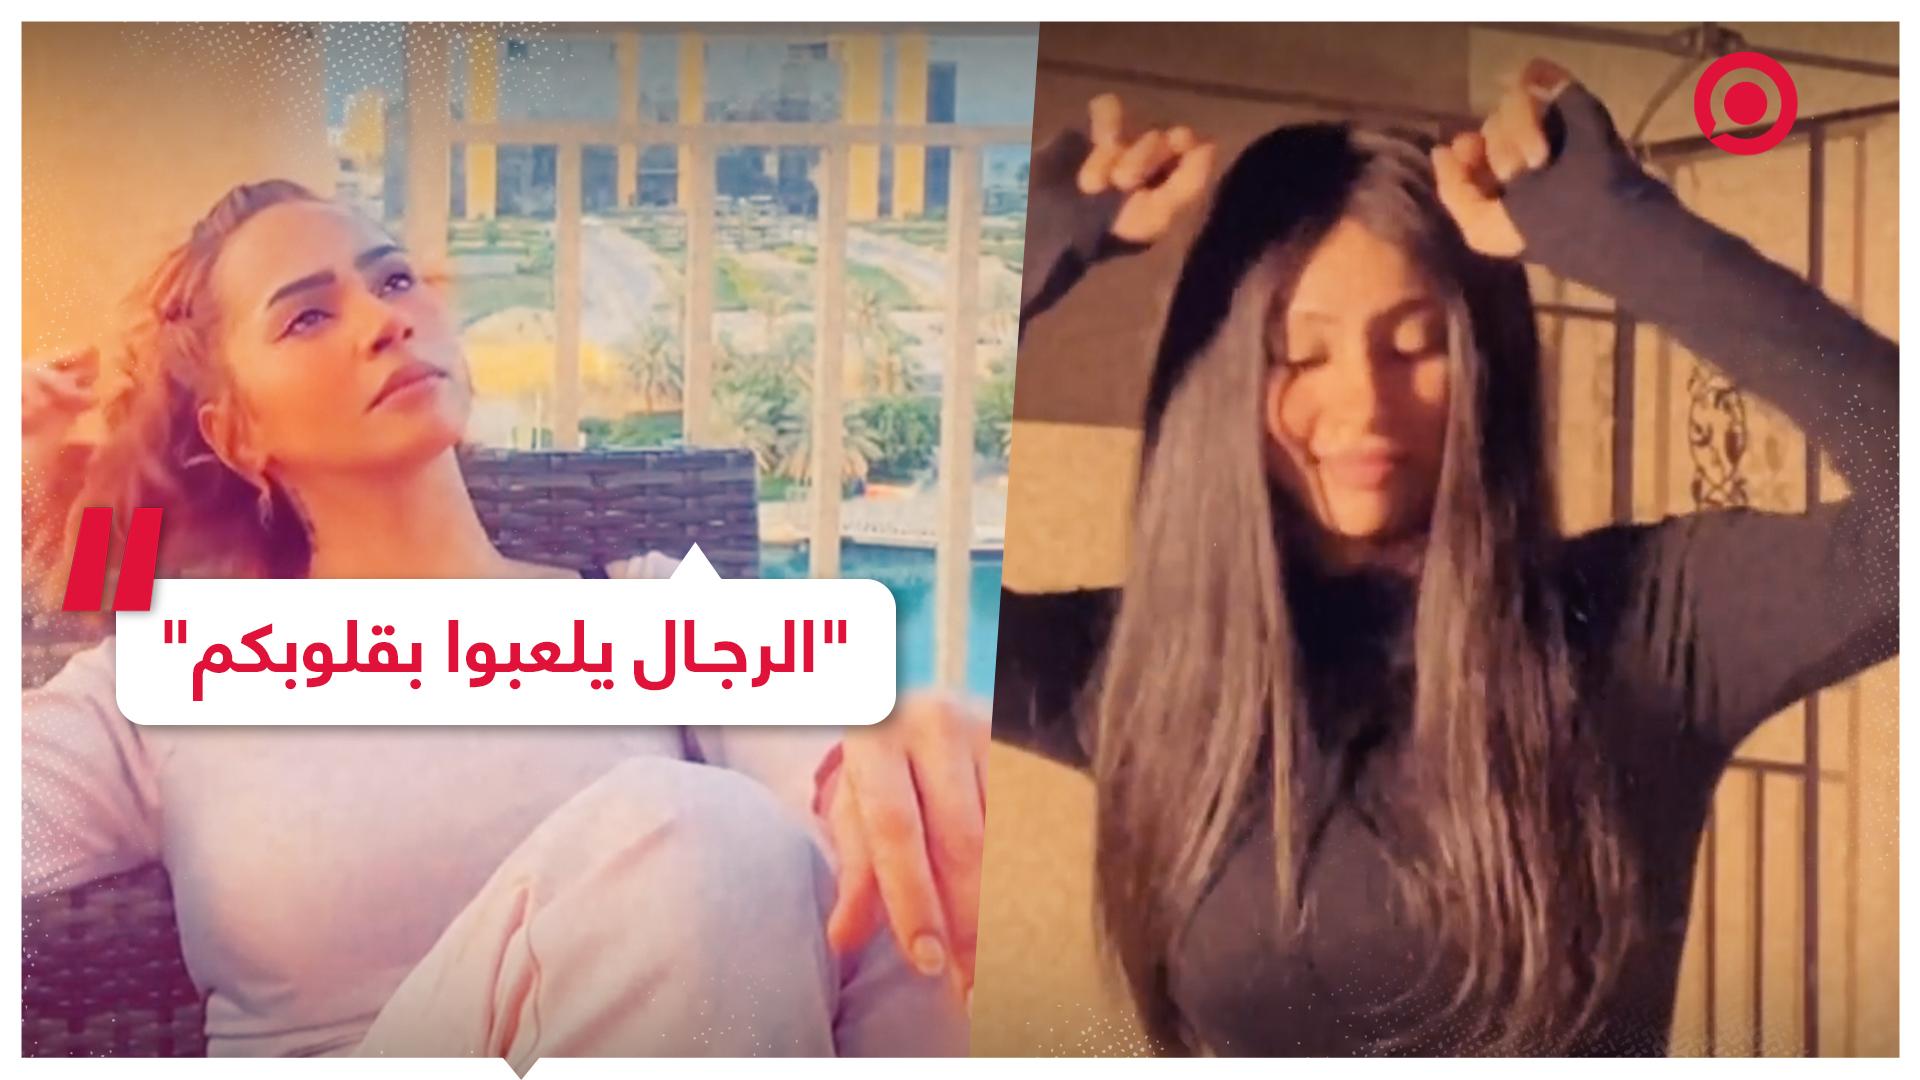 شابة سعودية تتحدث عن رغبة الرجال في